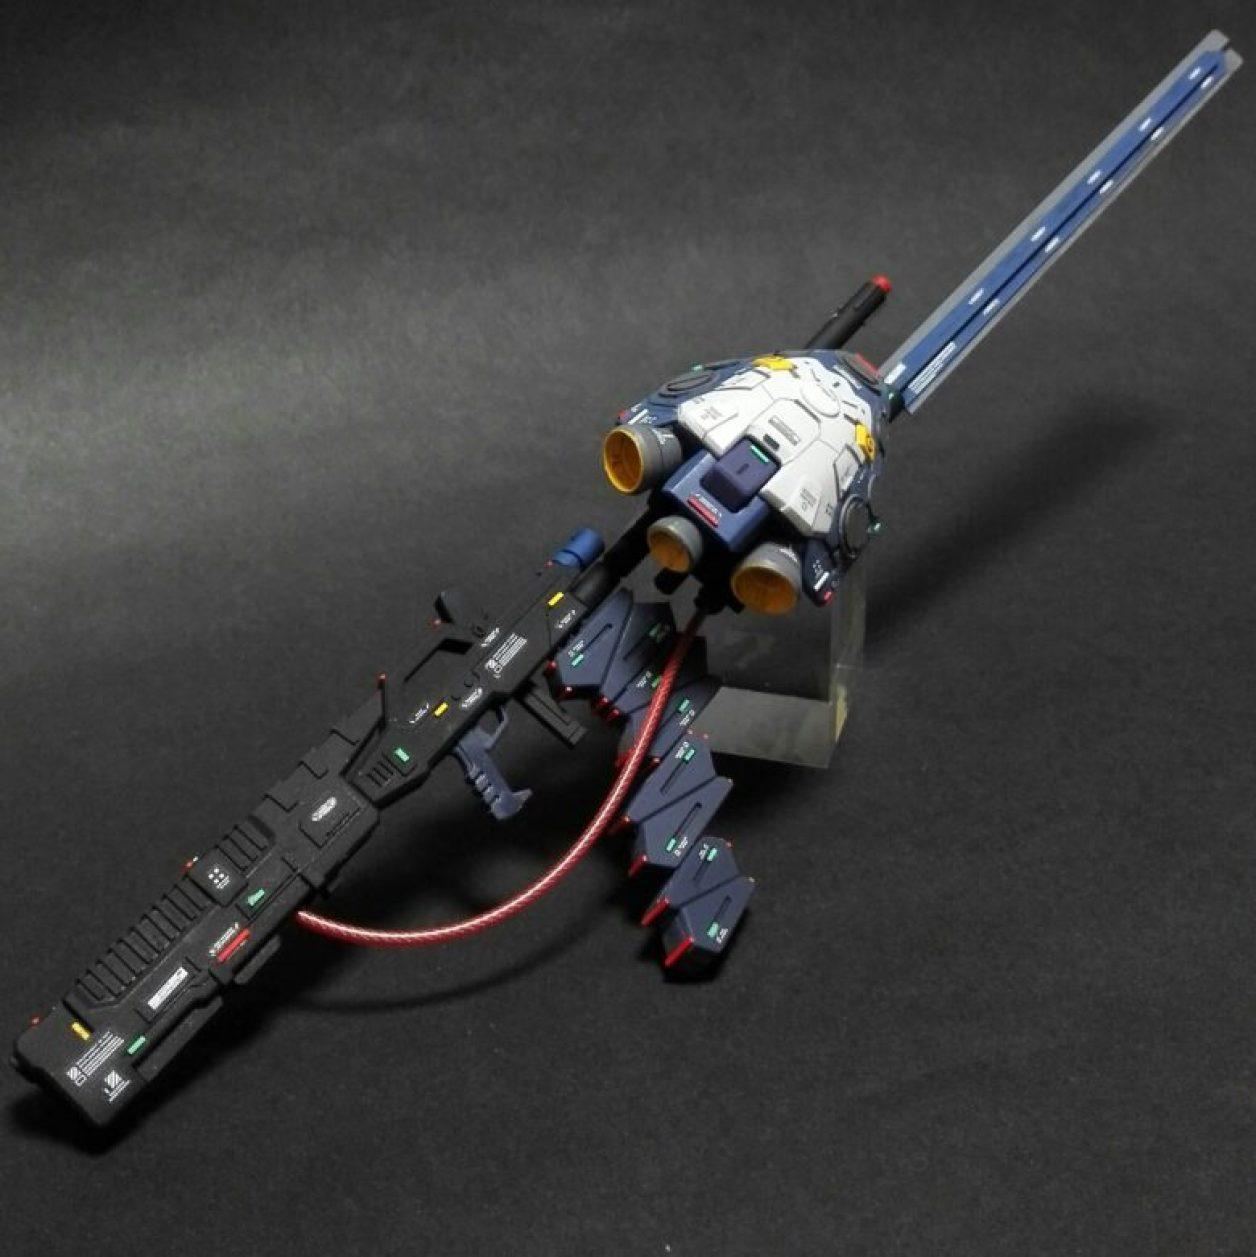 HGUCガンダムTR-1[ヘイズル改]用のビームライフルをベースキットとした改造武装の画像